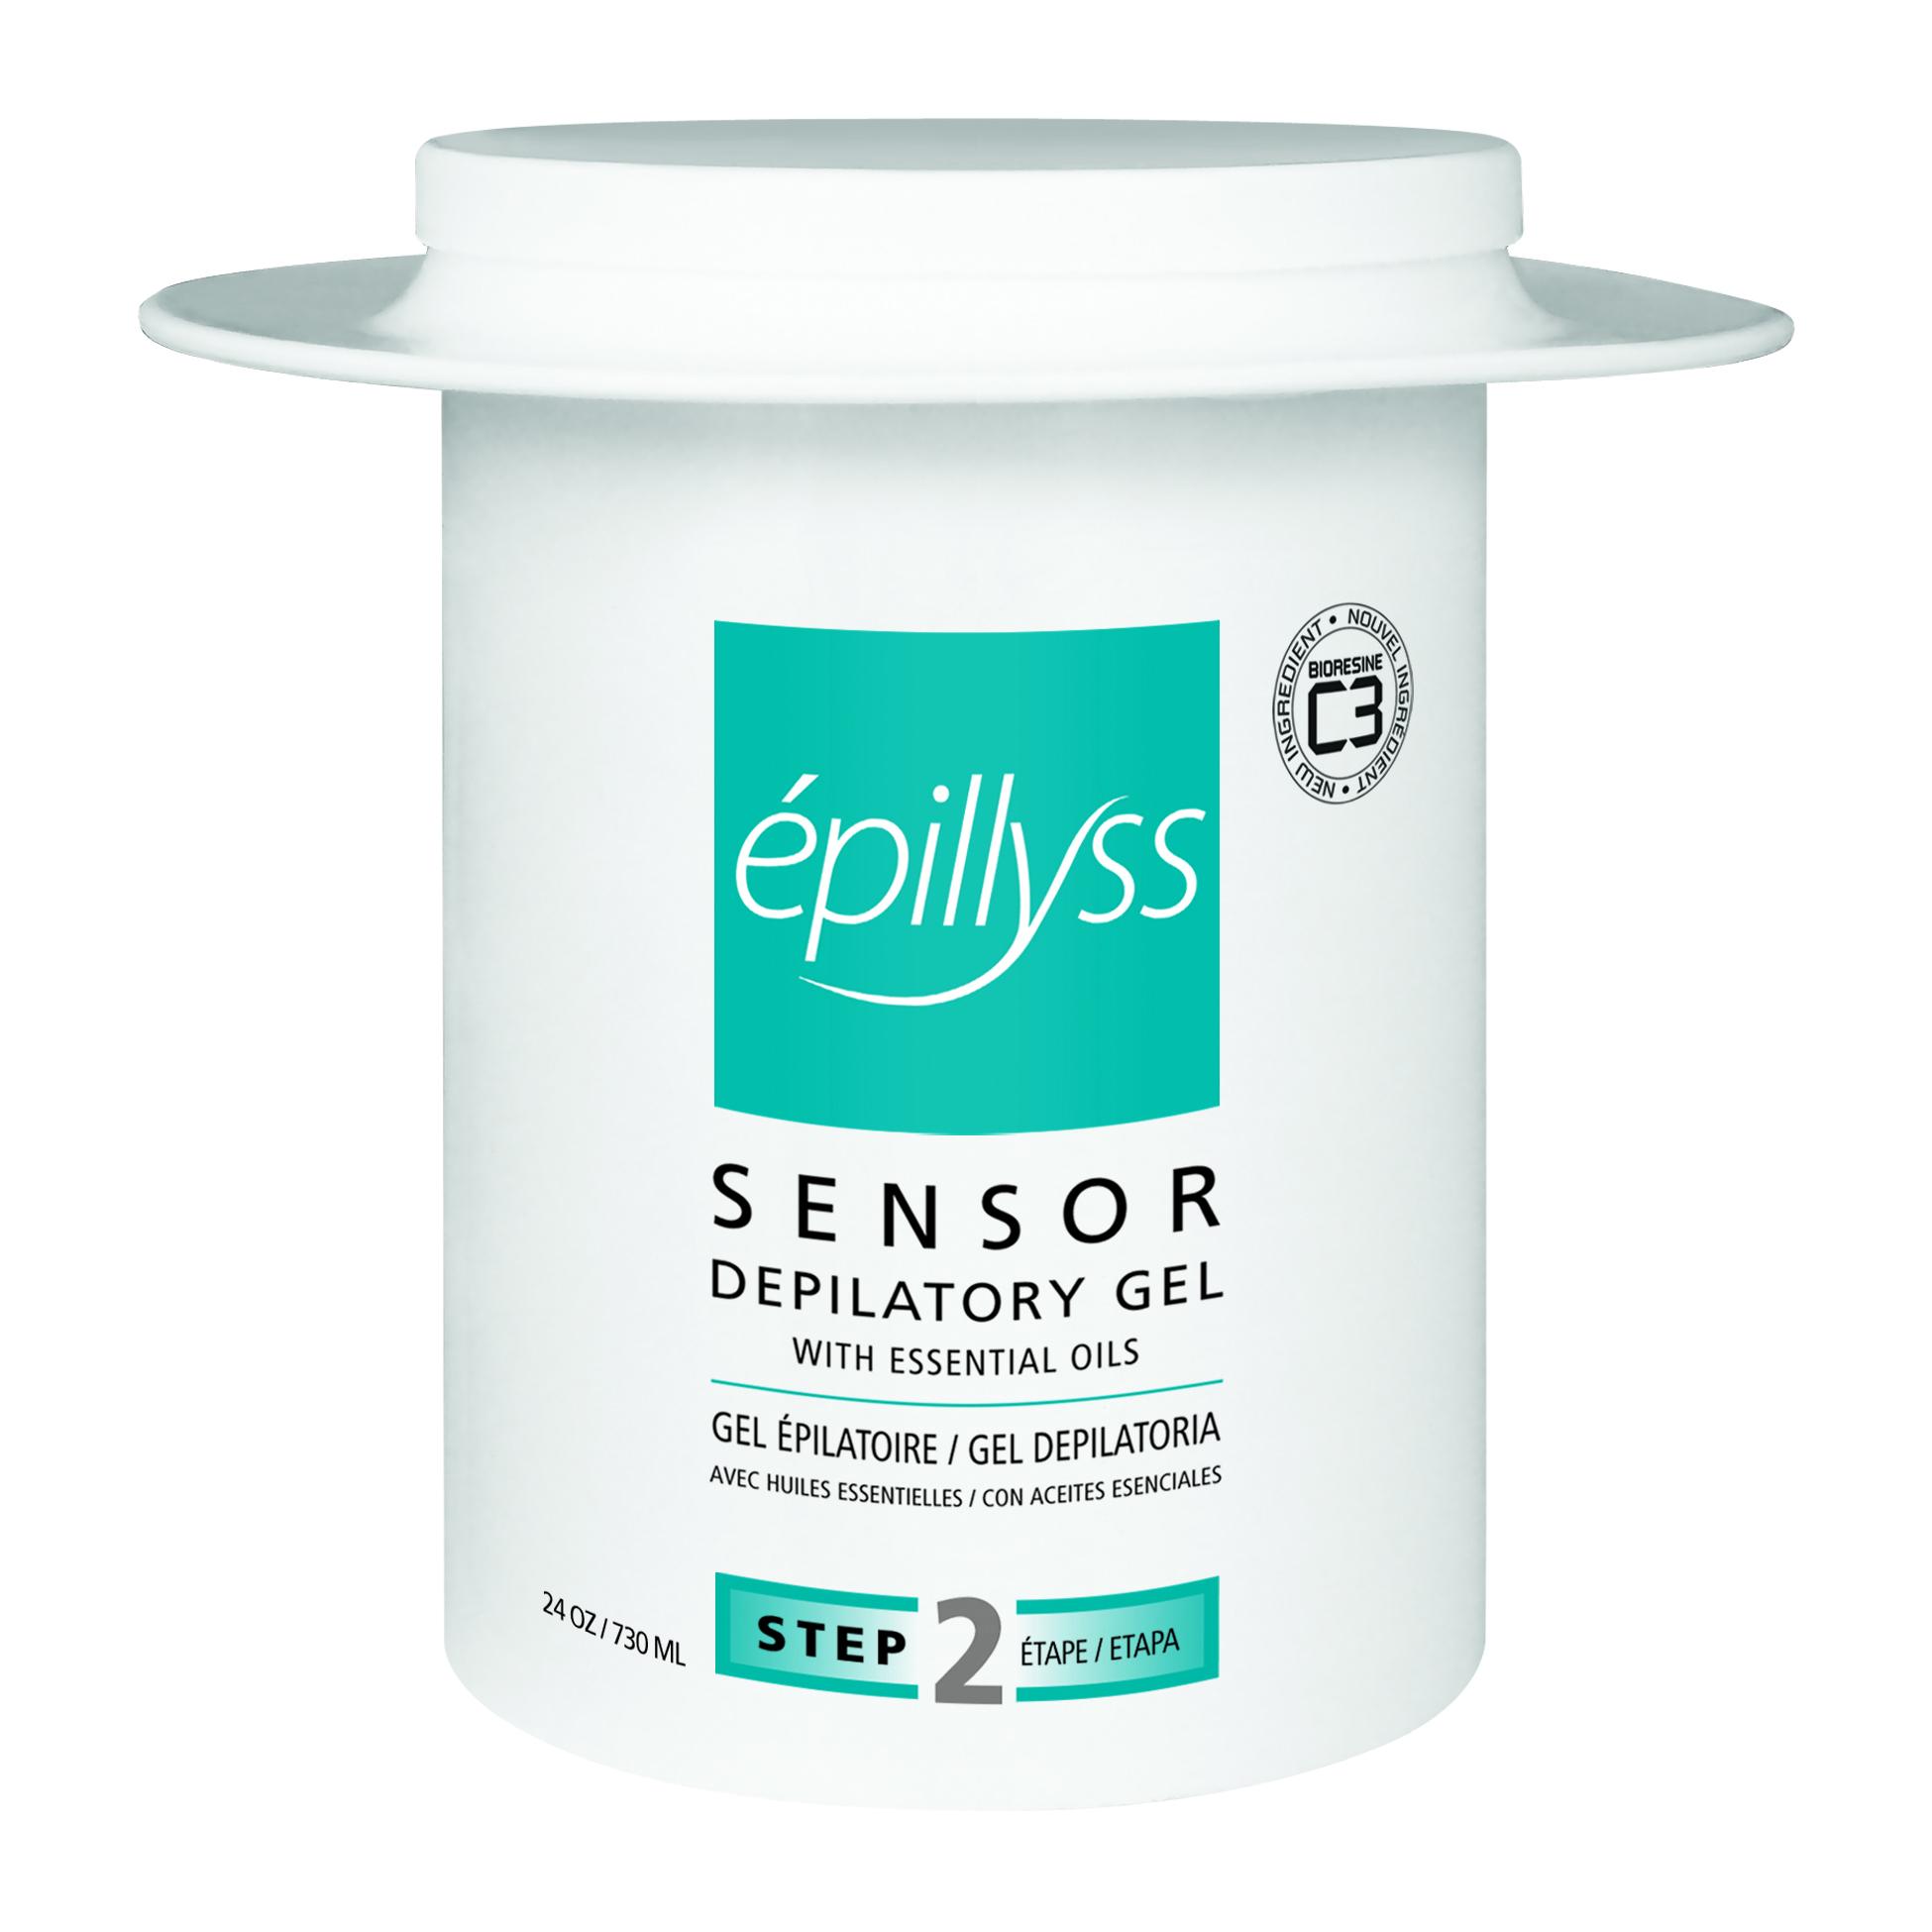 Épillyss_Sensor_24oz_S2.jpg